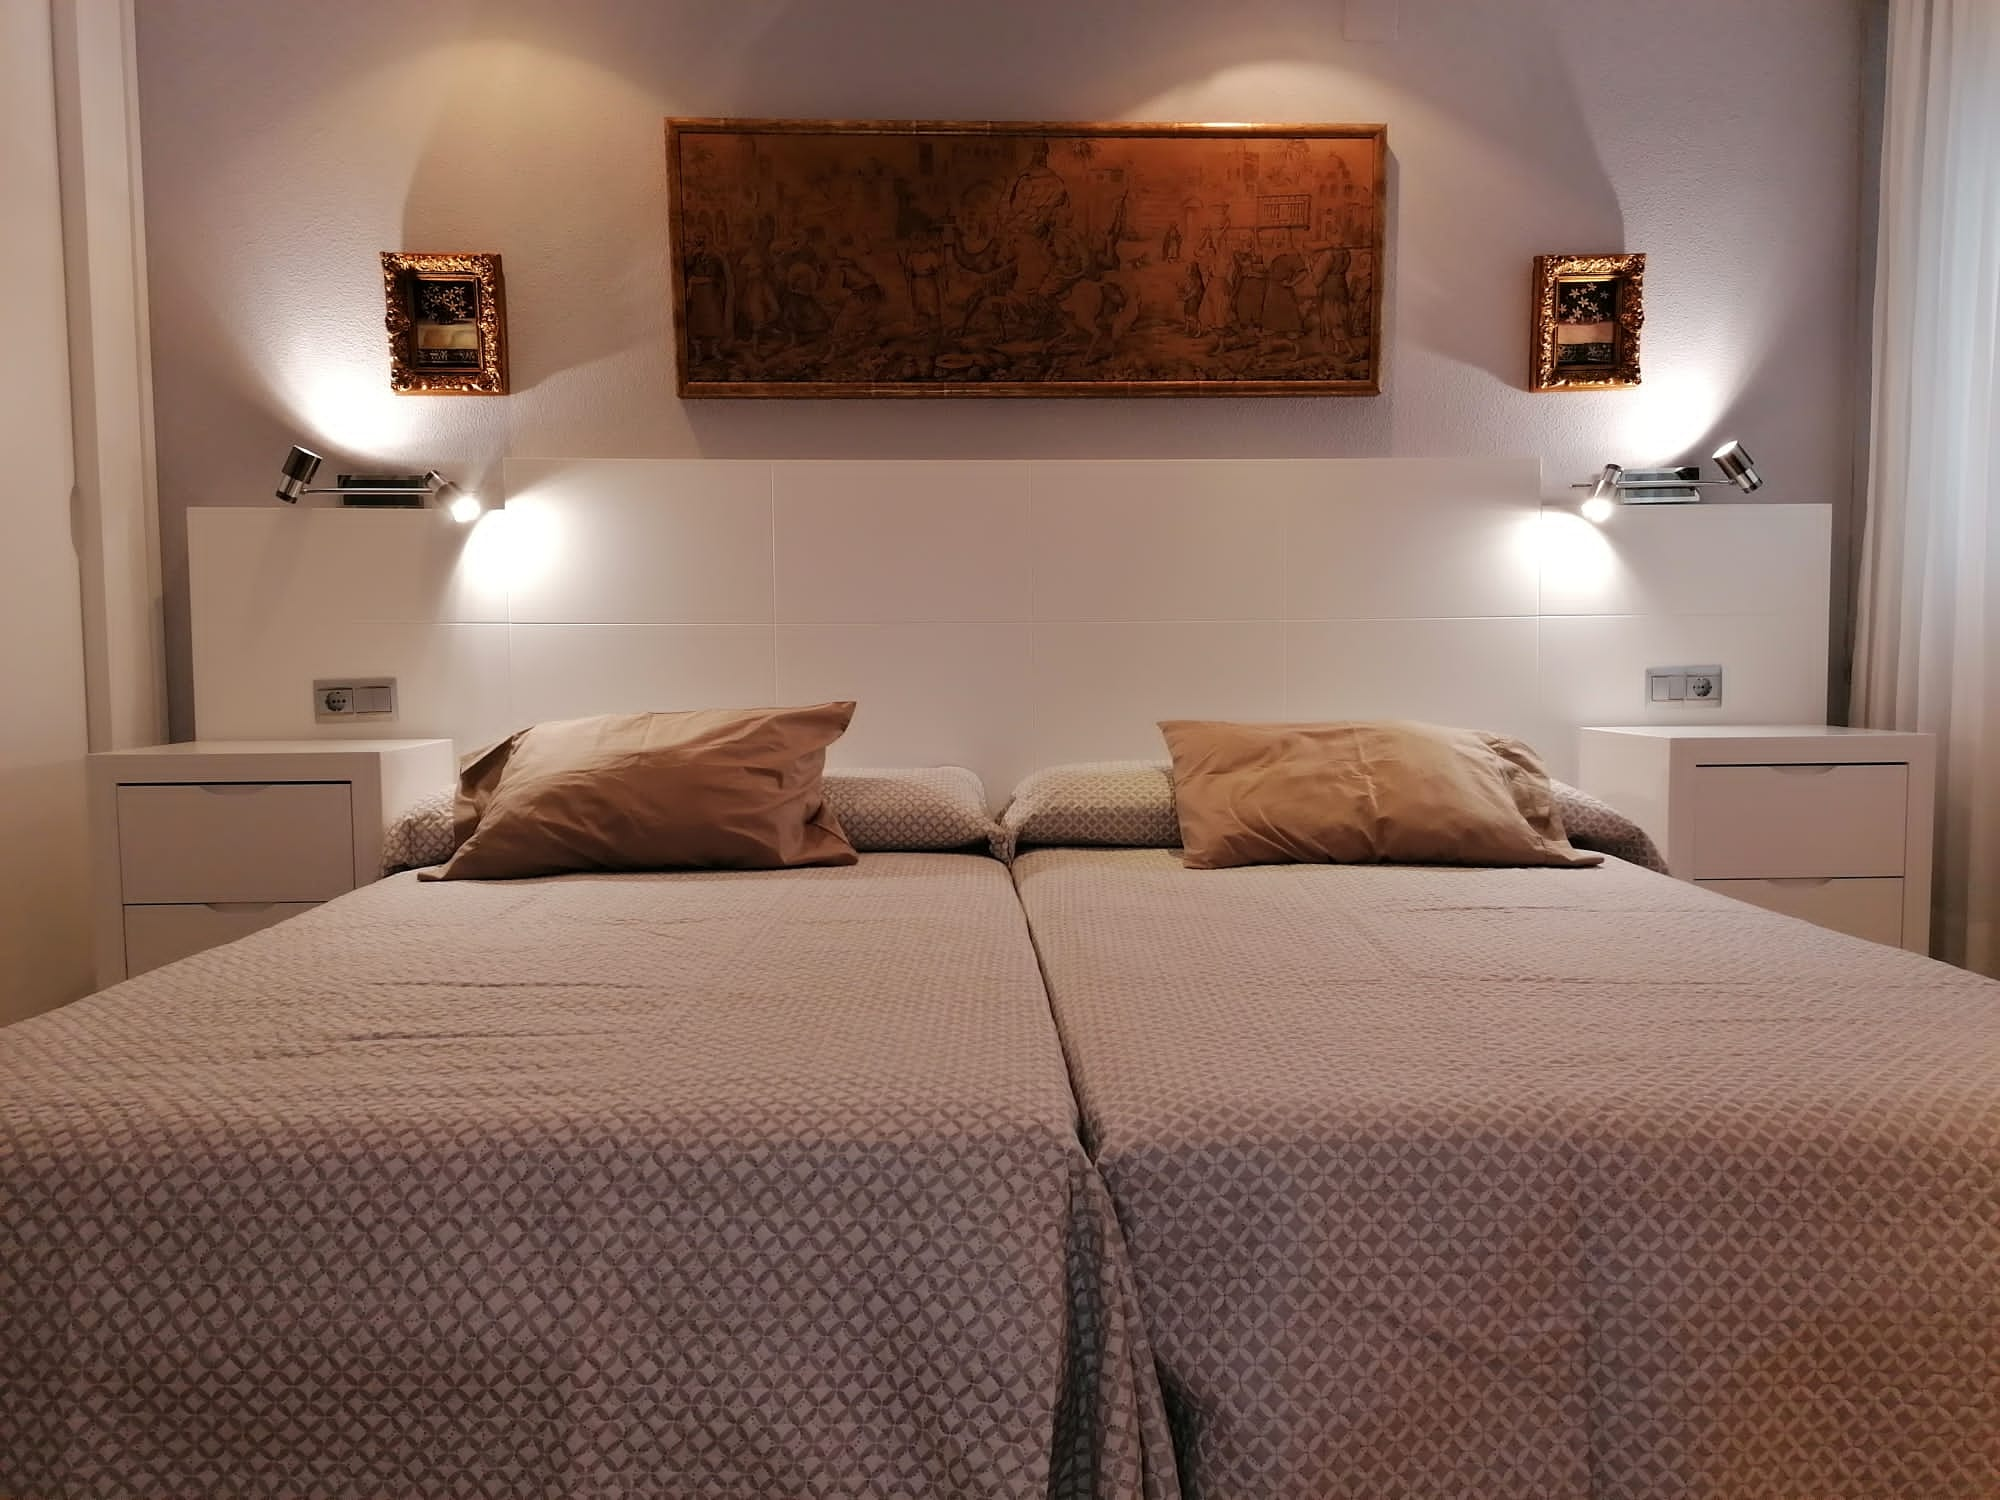 dormitorio lacado en blanco Muebles Mudeval